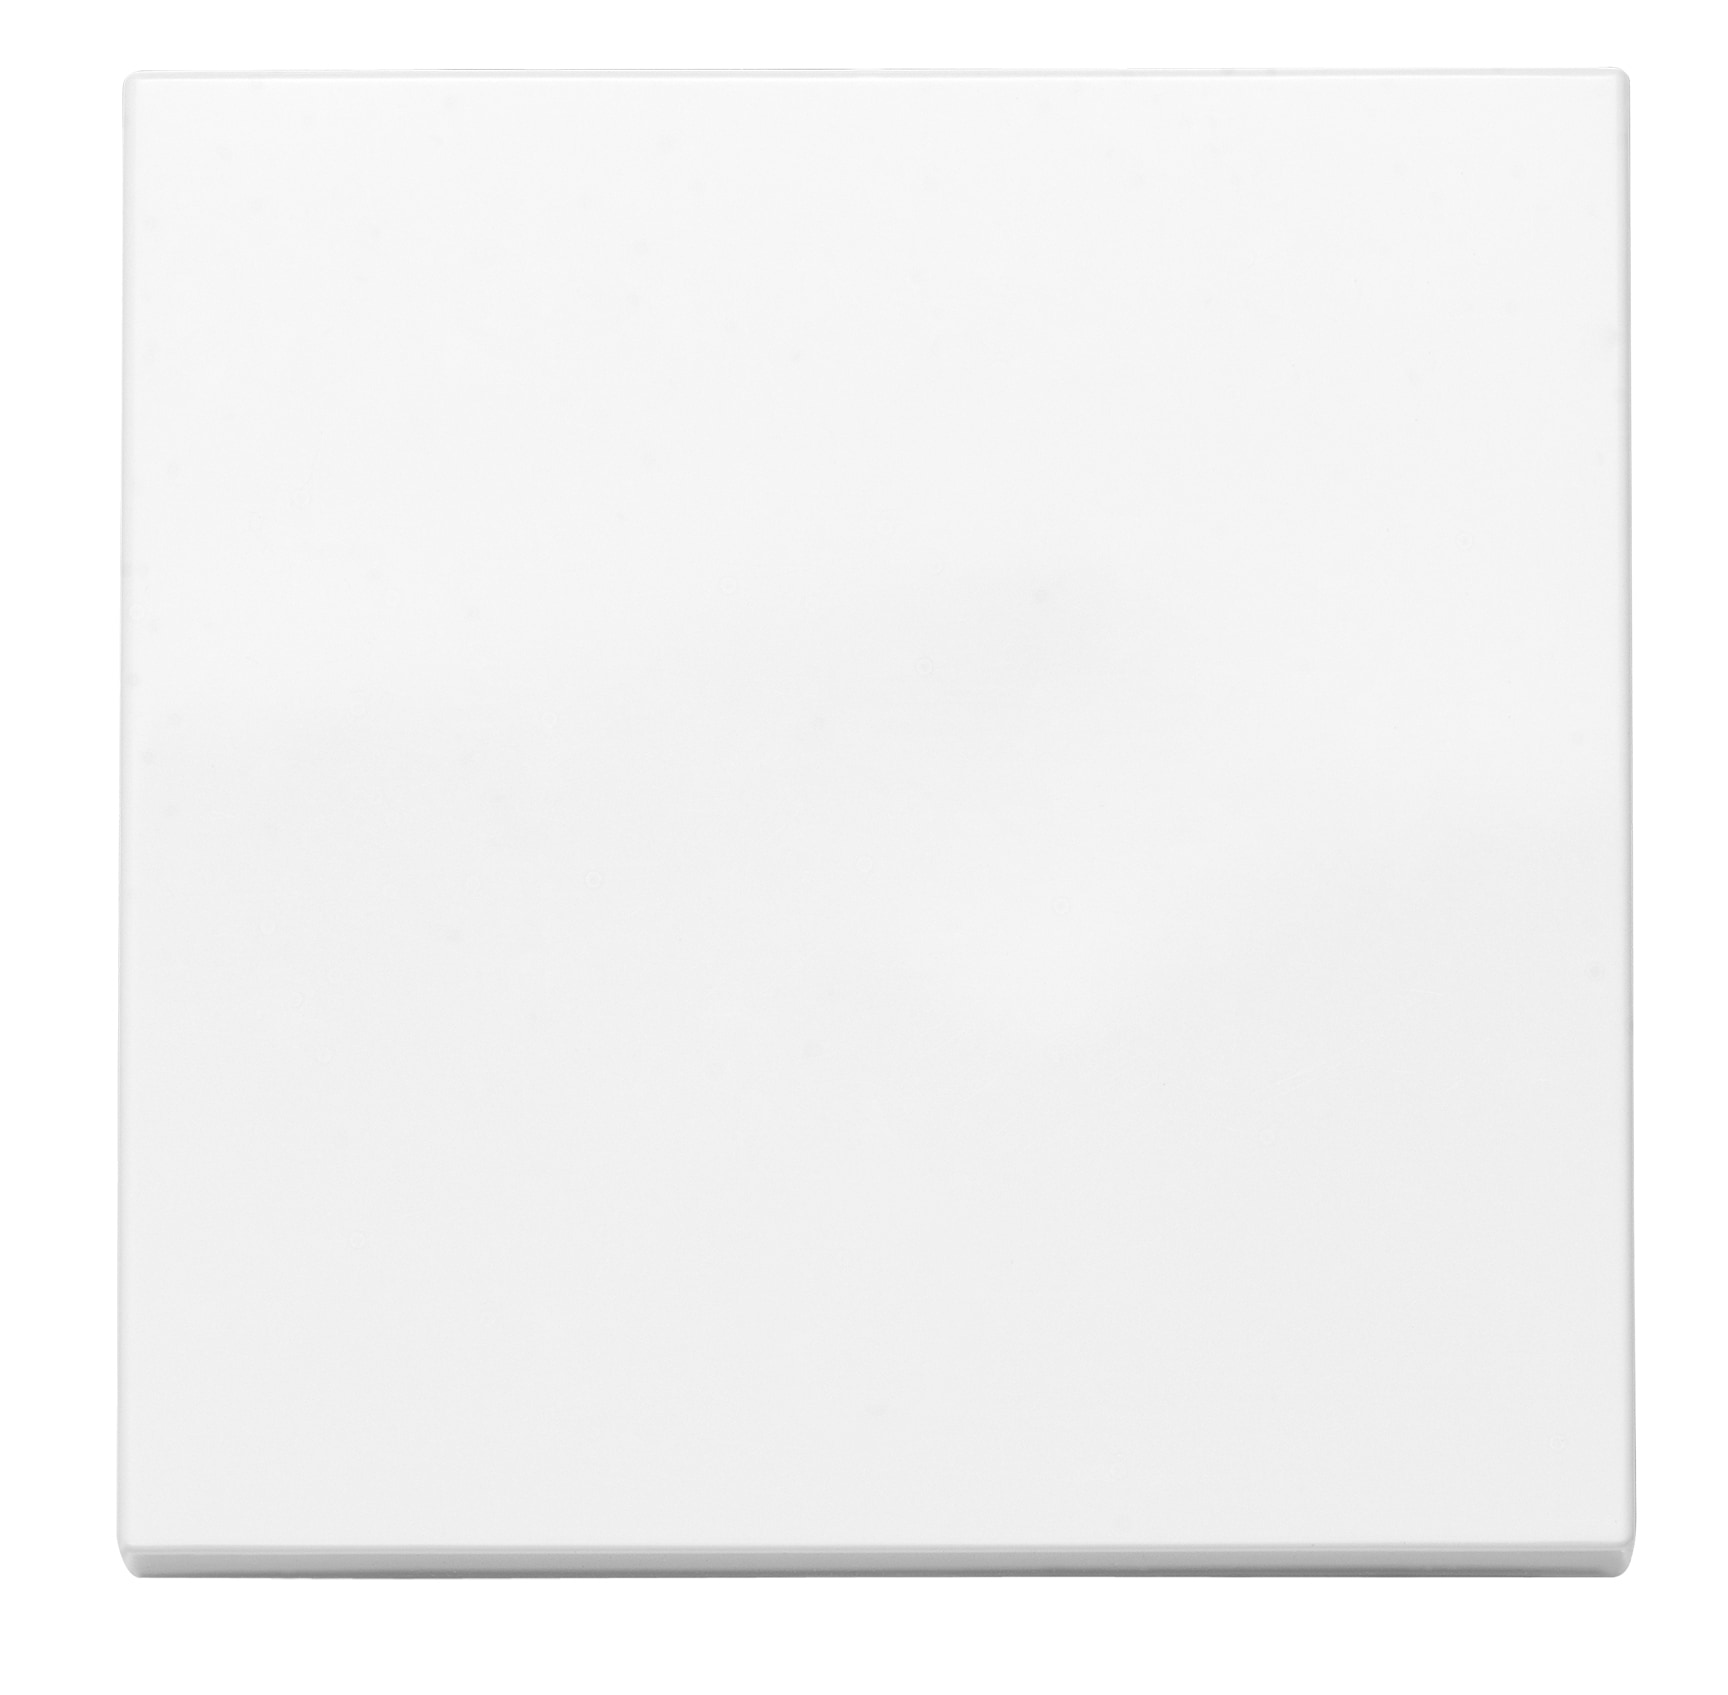 Viko Panasonic Wippe für Aus-, Wechsel-, Kreuzschalter, Taster weiß 92522001